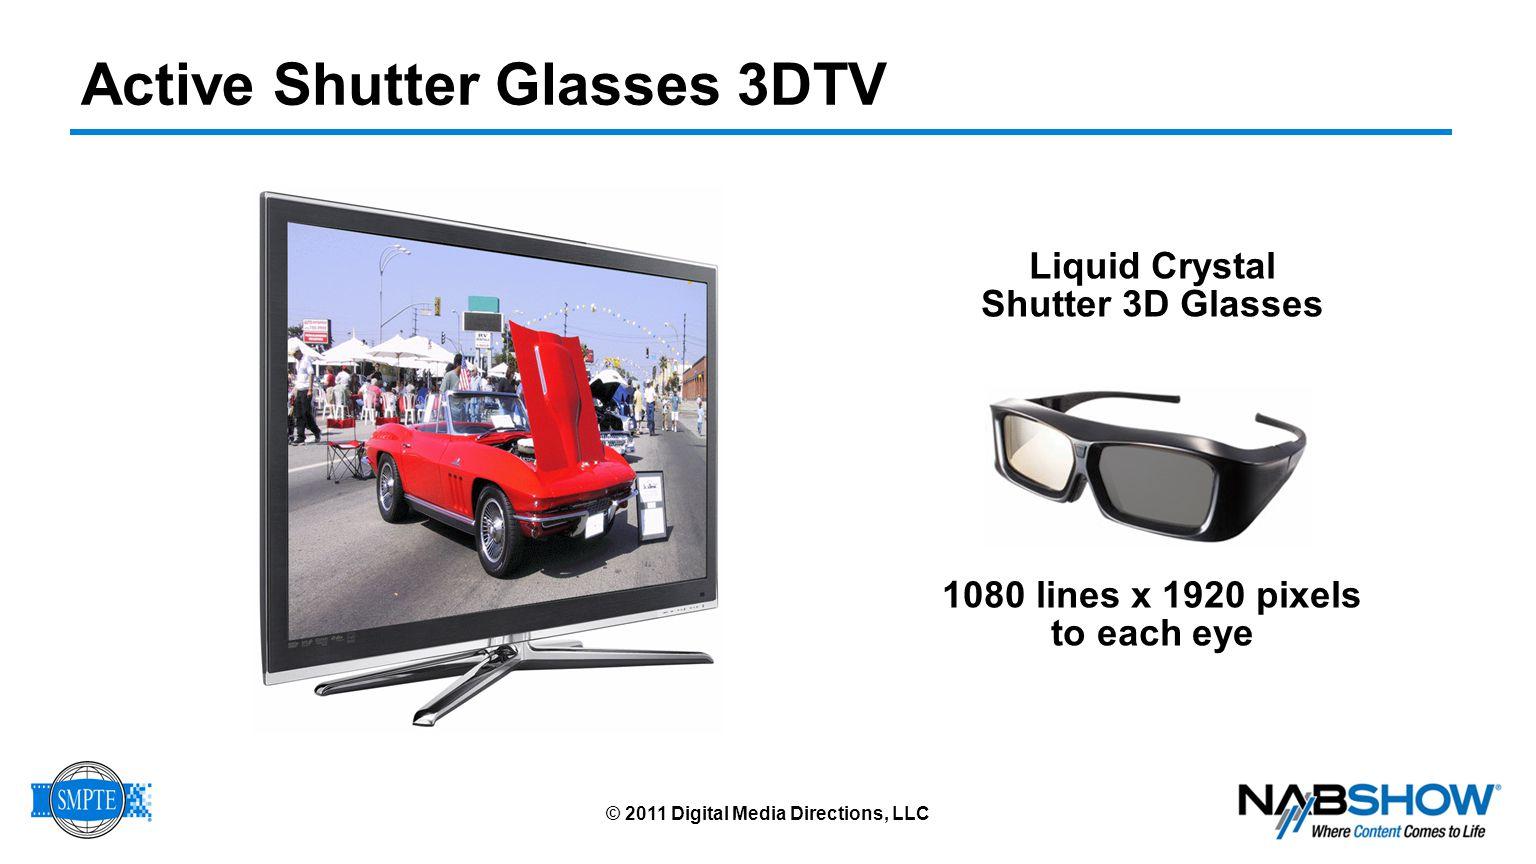 Toshiba Autostereoscopic 3DTVs © 2011 Digital Media Directions, LLC 12GL1 (12 ) & 20GL1 (20 ) Autostereoscopic 3DTVs 24 , 32 , 55 , & 65 Autostereoscopic 3DTVs